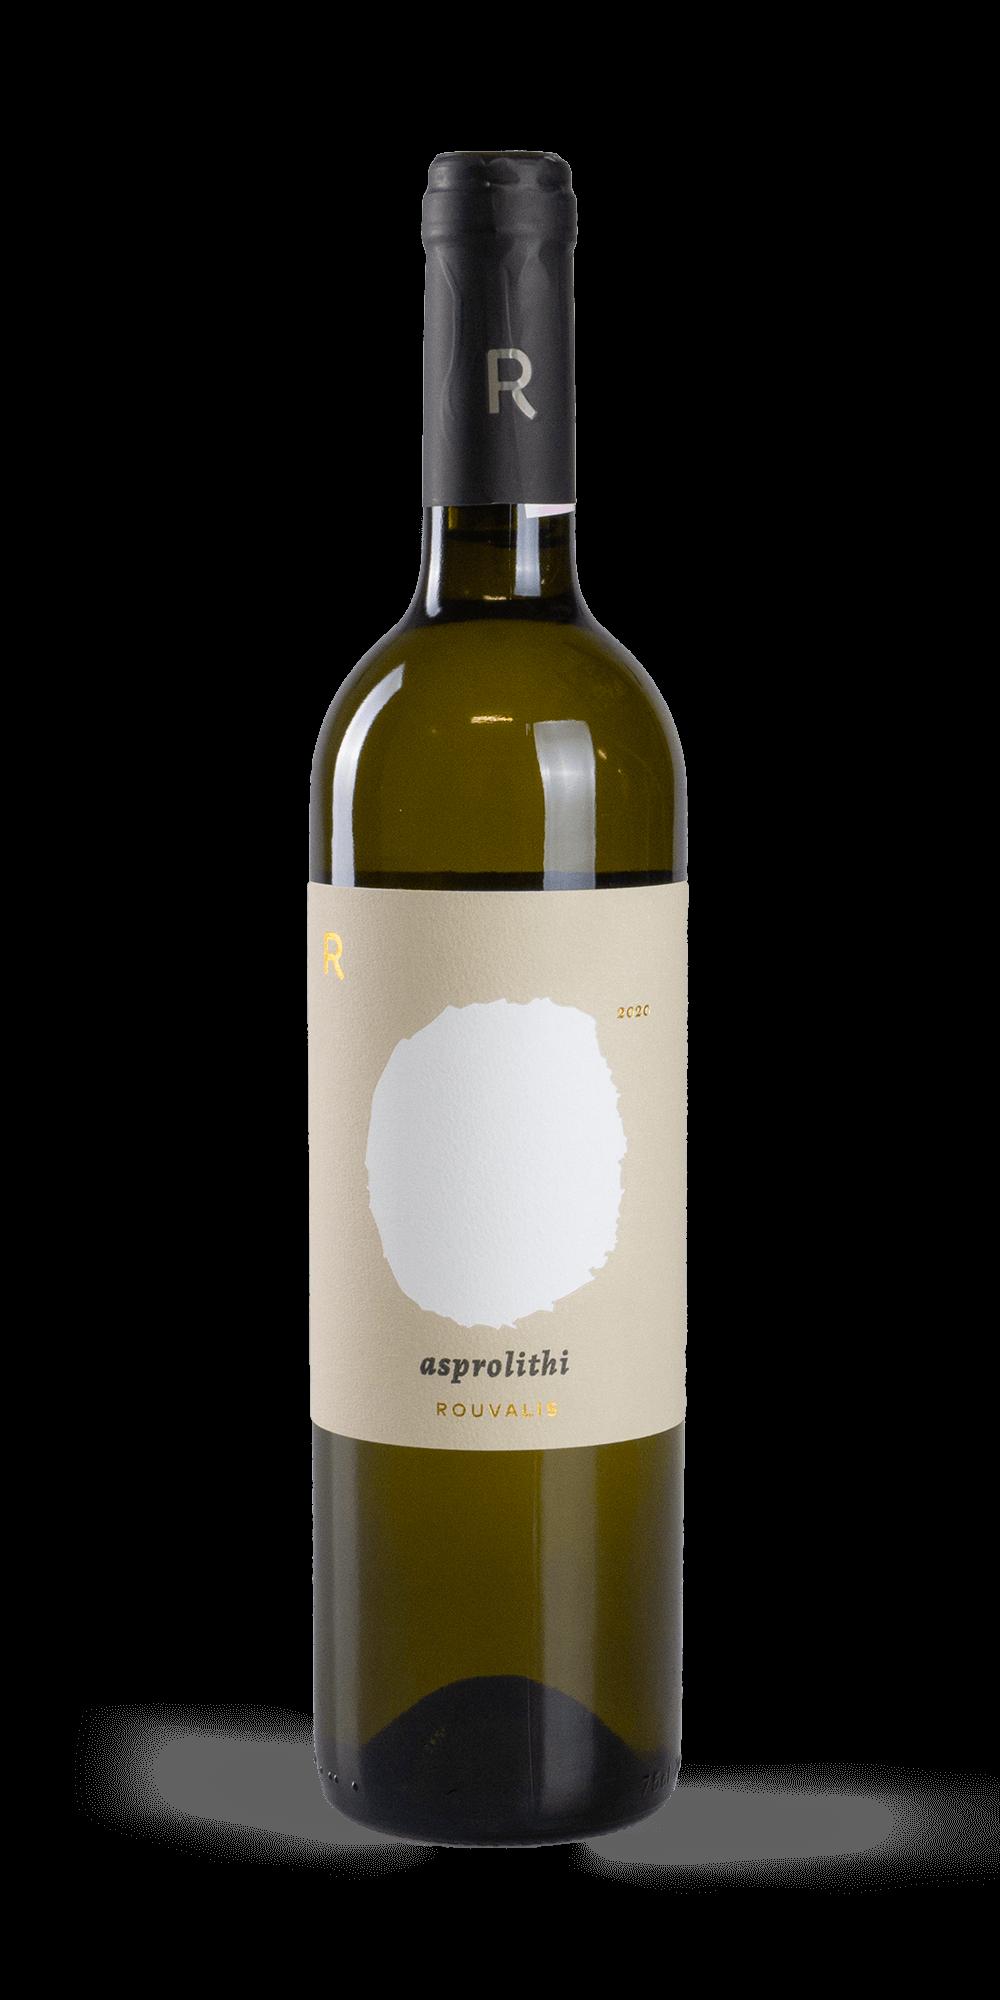 Asprolithi 2020 - Rouvalis Winery